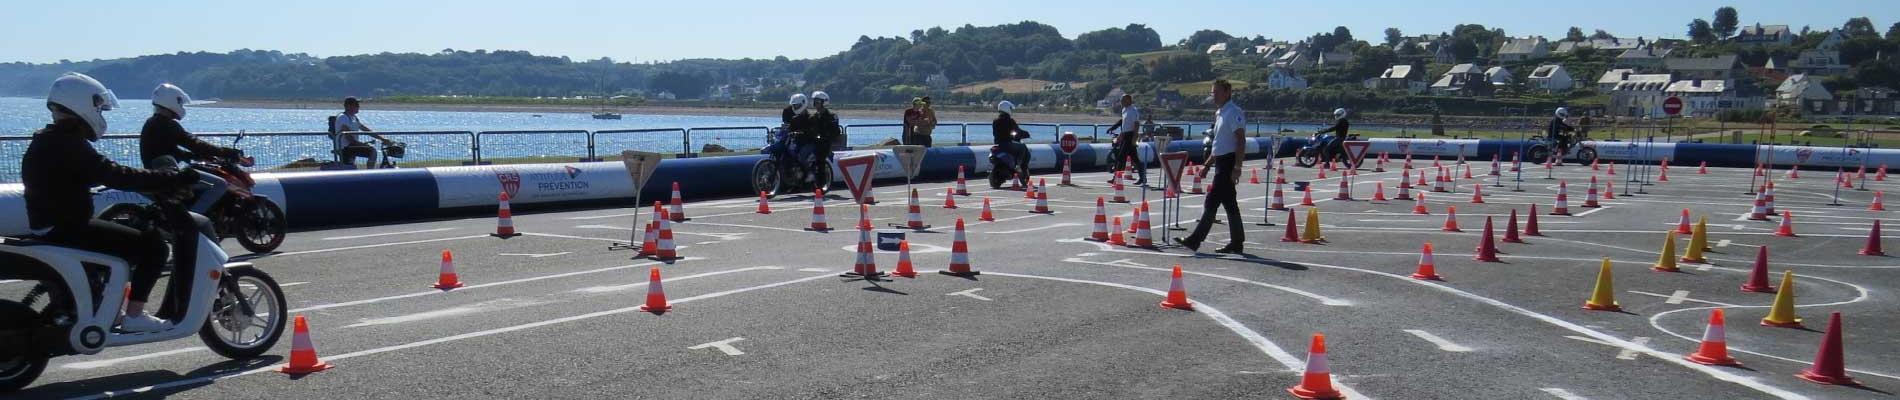 Les jeunes en piste pour la sécurité à Perros-Guirec, du 7 au 11 juillet